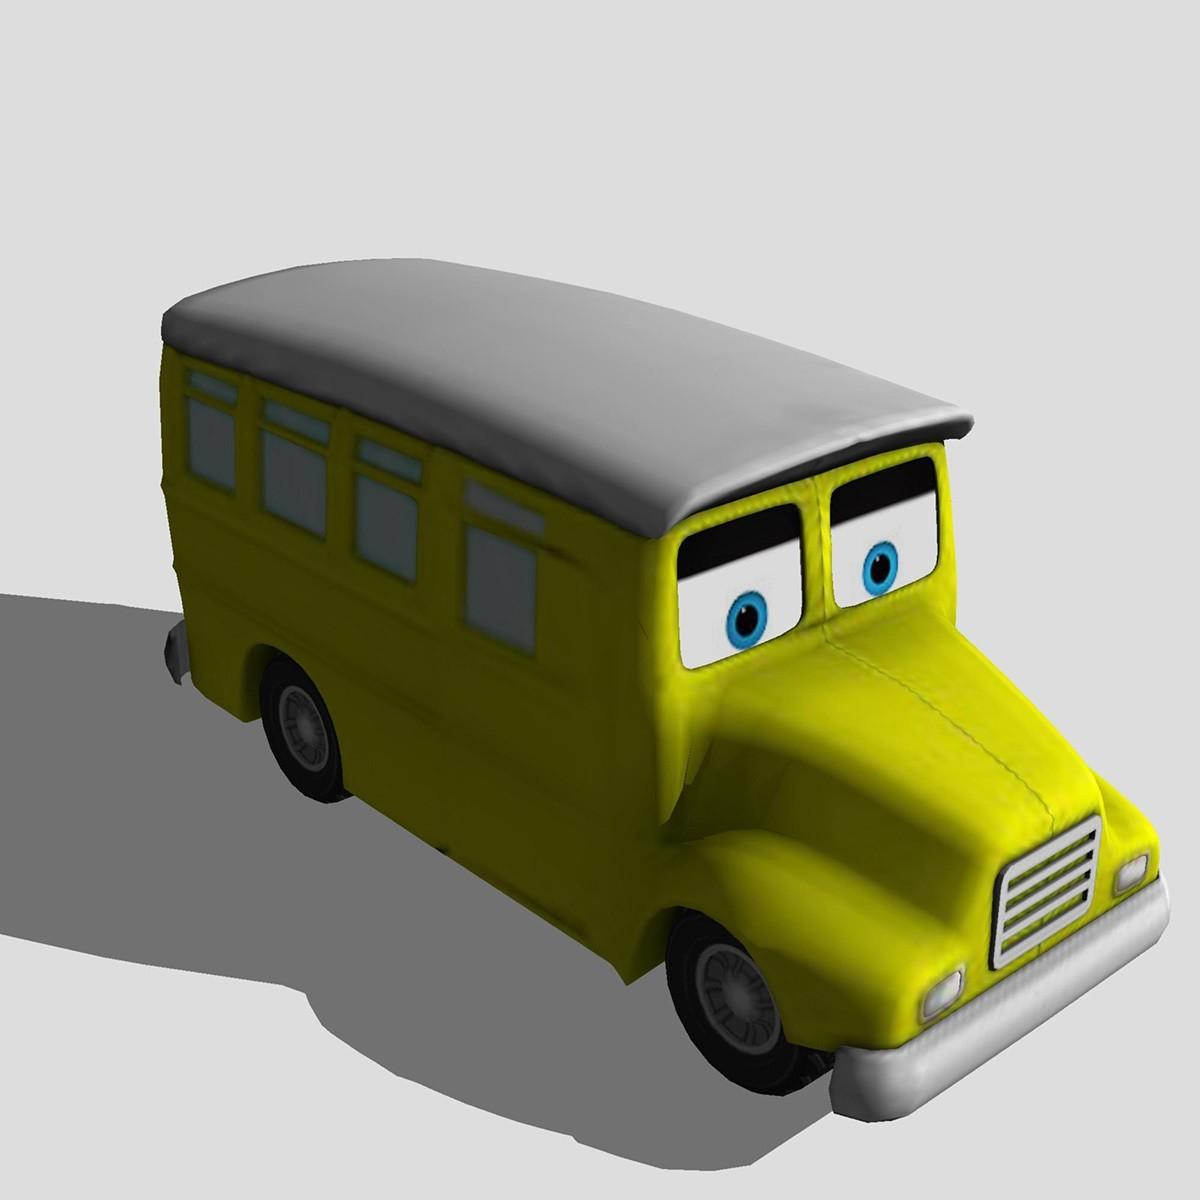 transport_pack_0001.jpg Download STL file School Bus • 3D printer design, scifikid